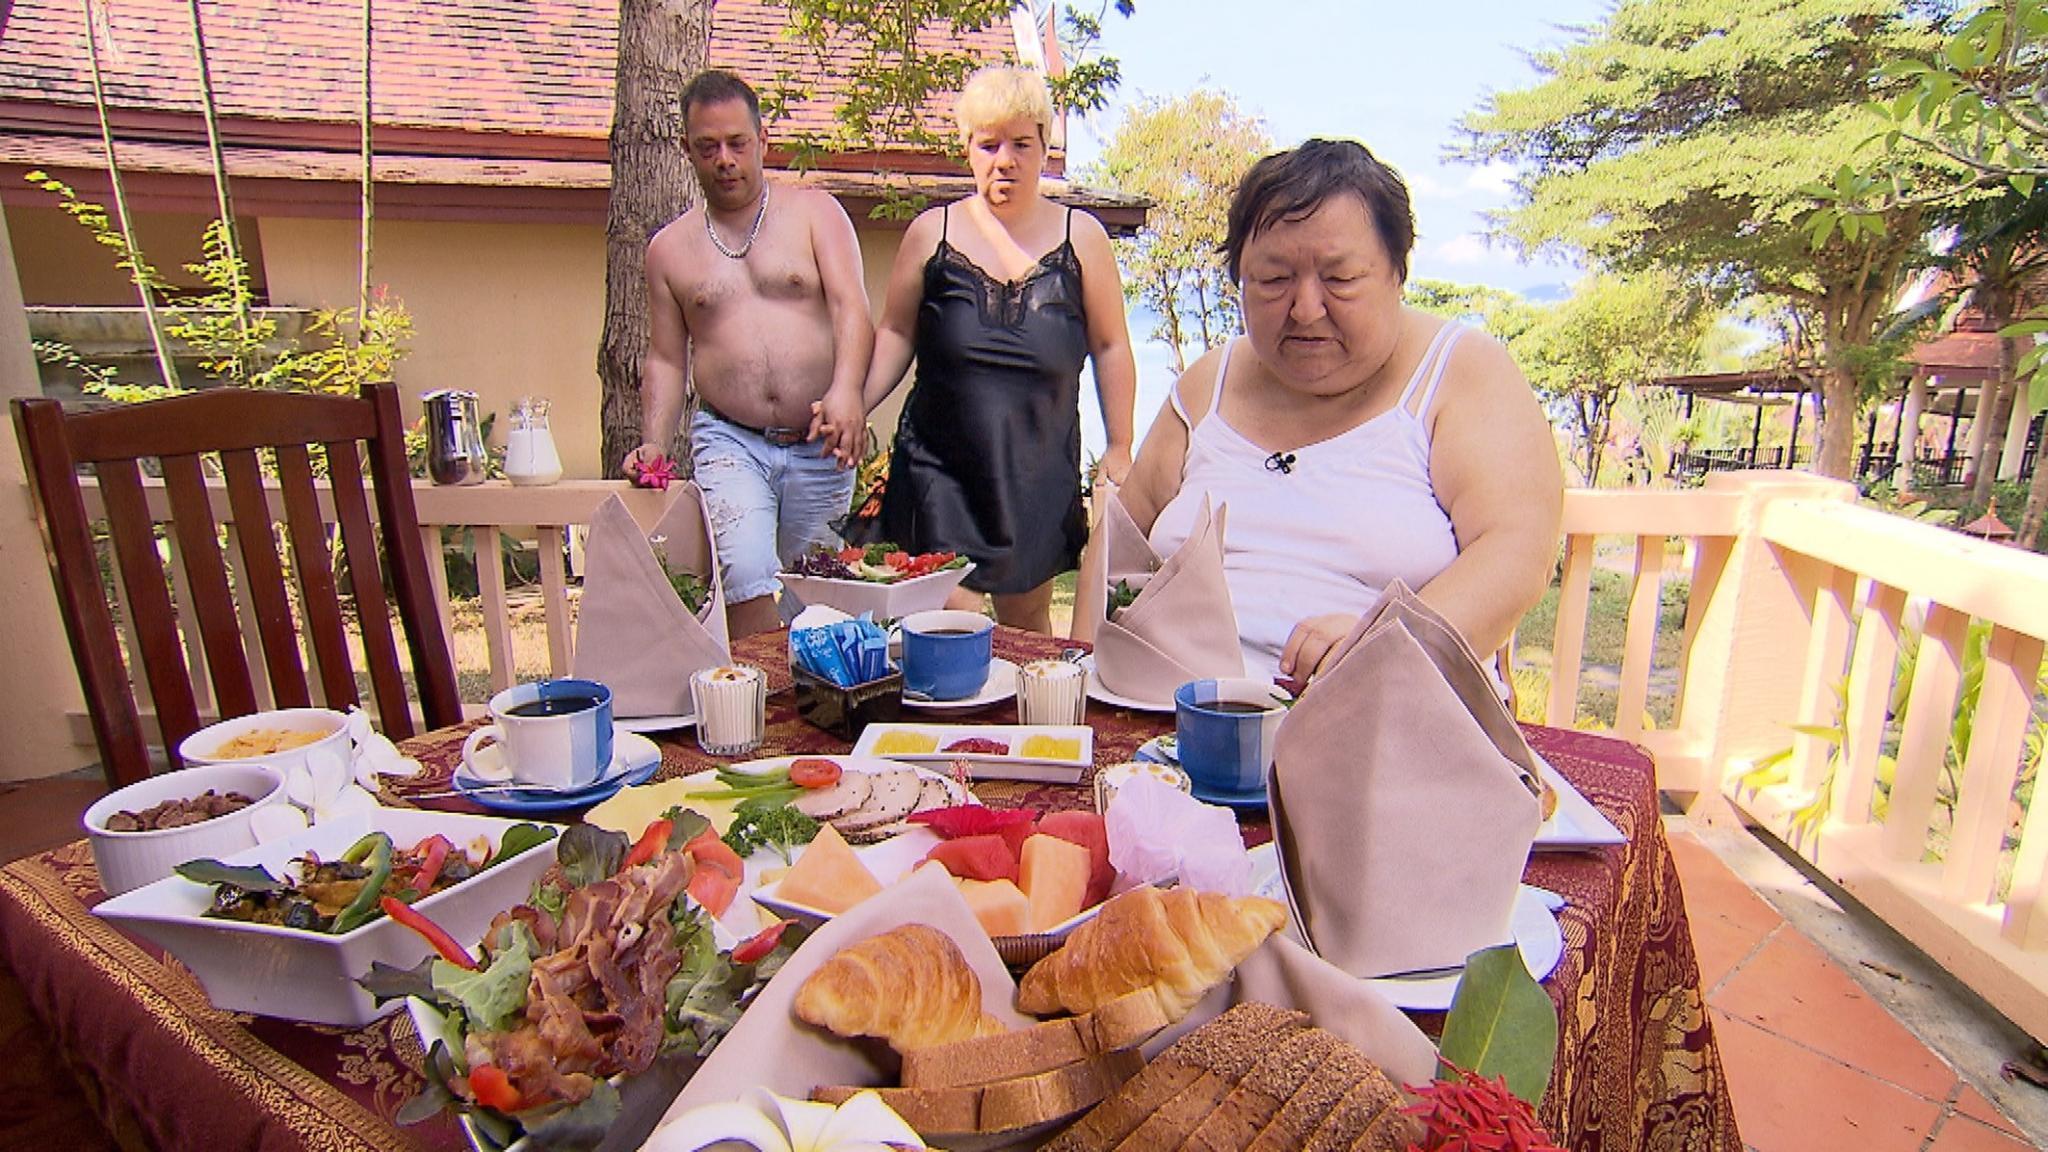 Mario und Beate frühstücken nach ihrer gemeinsamen Nacht mit Mama Irene